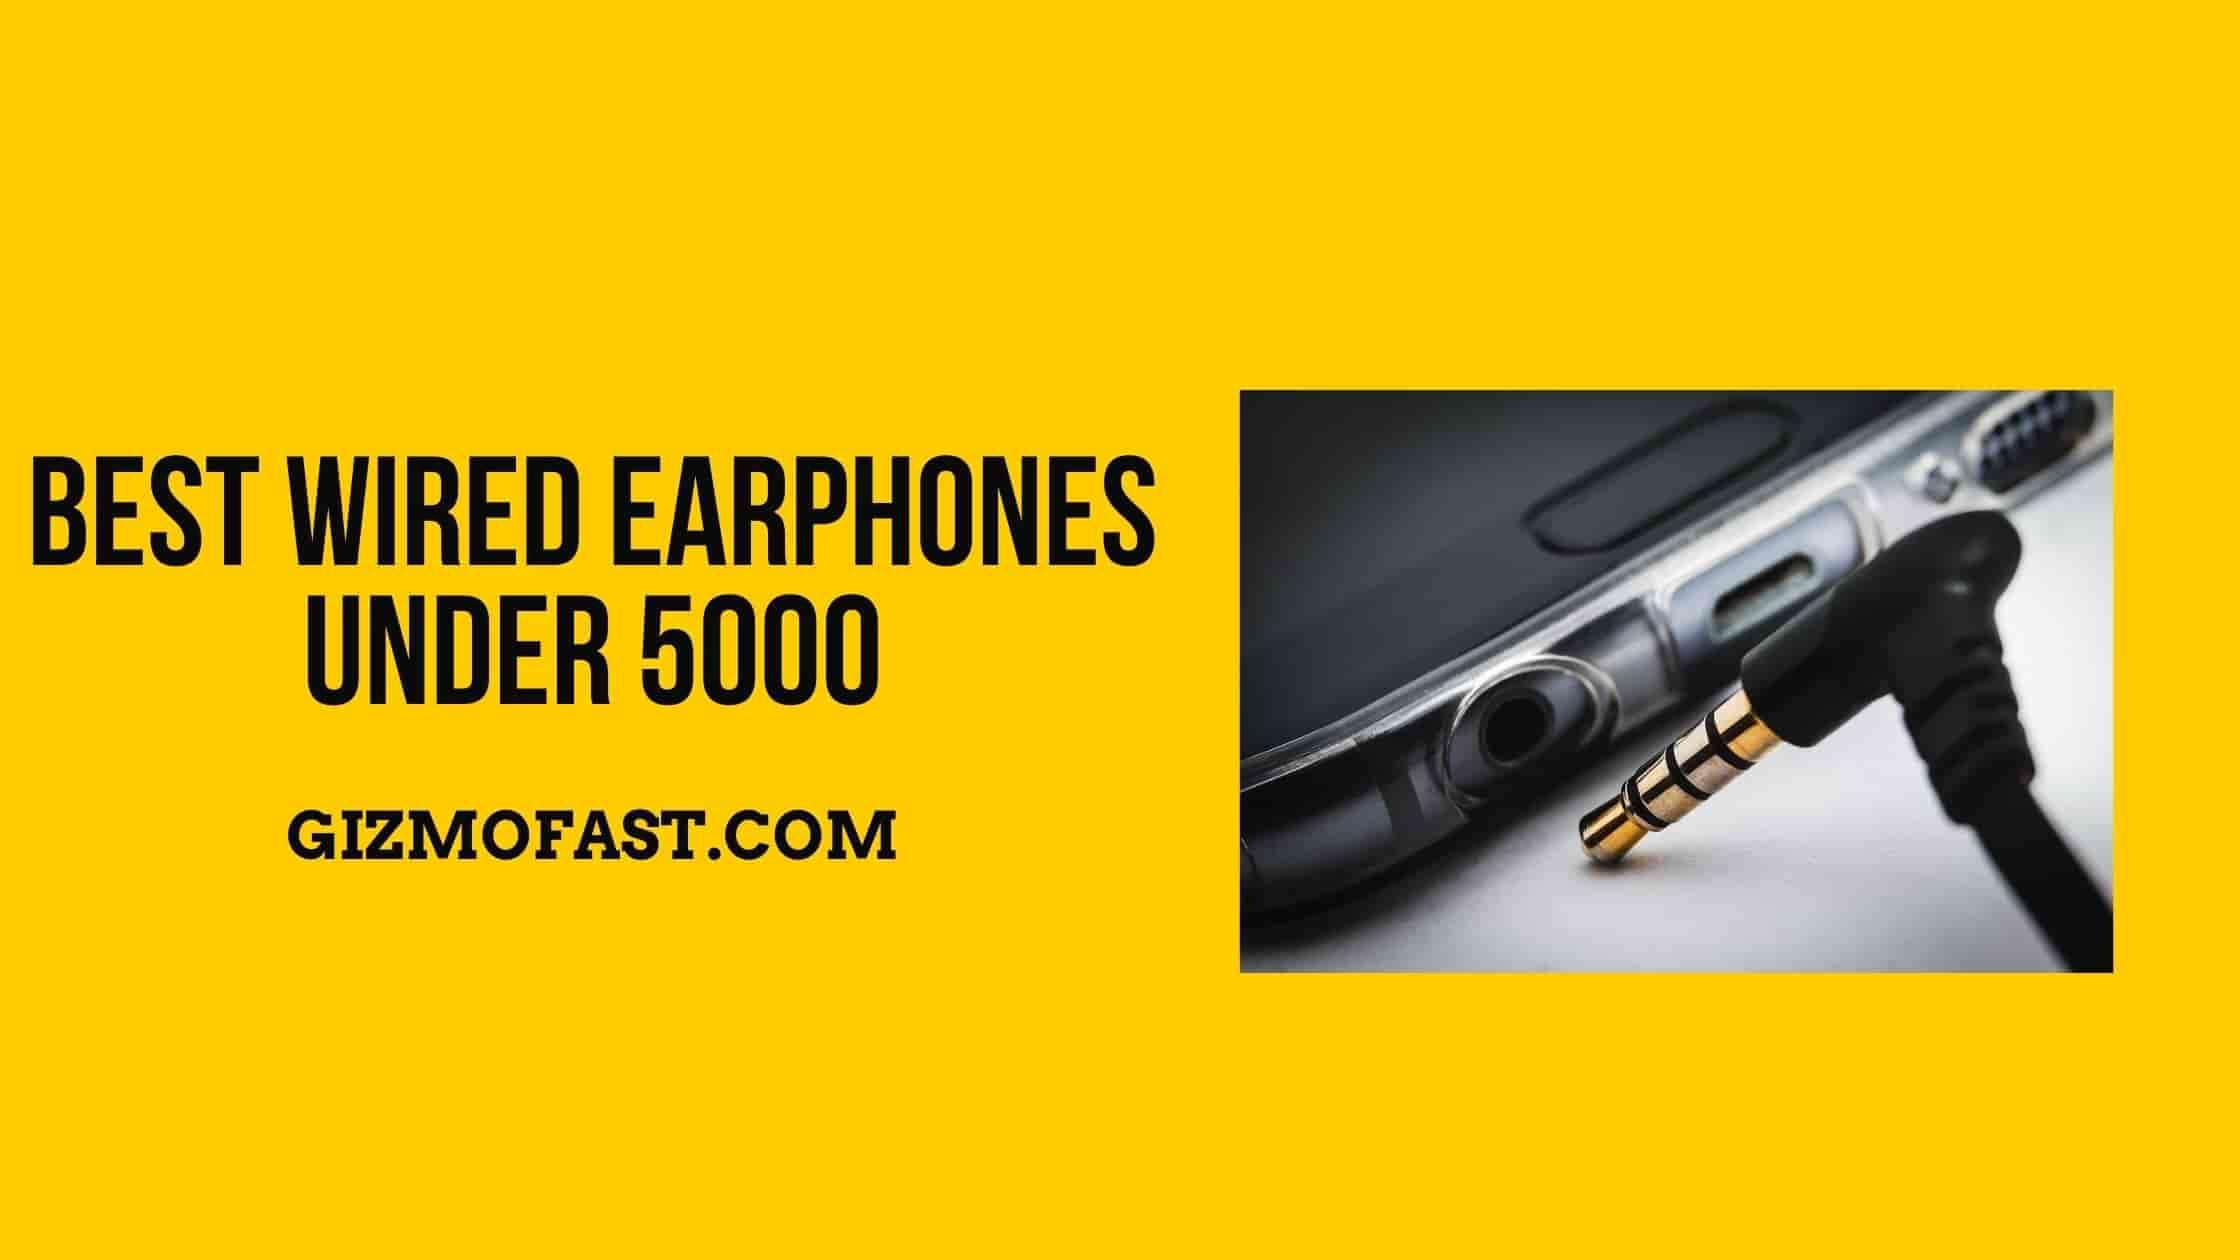 Best Wired Earphones Under 5000